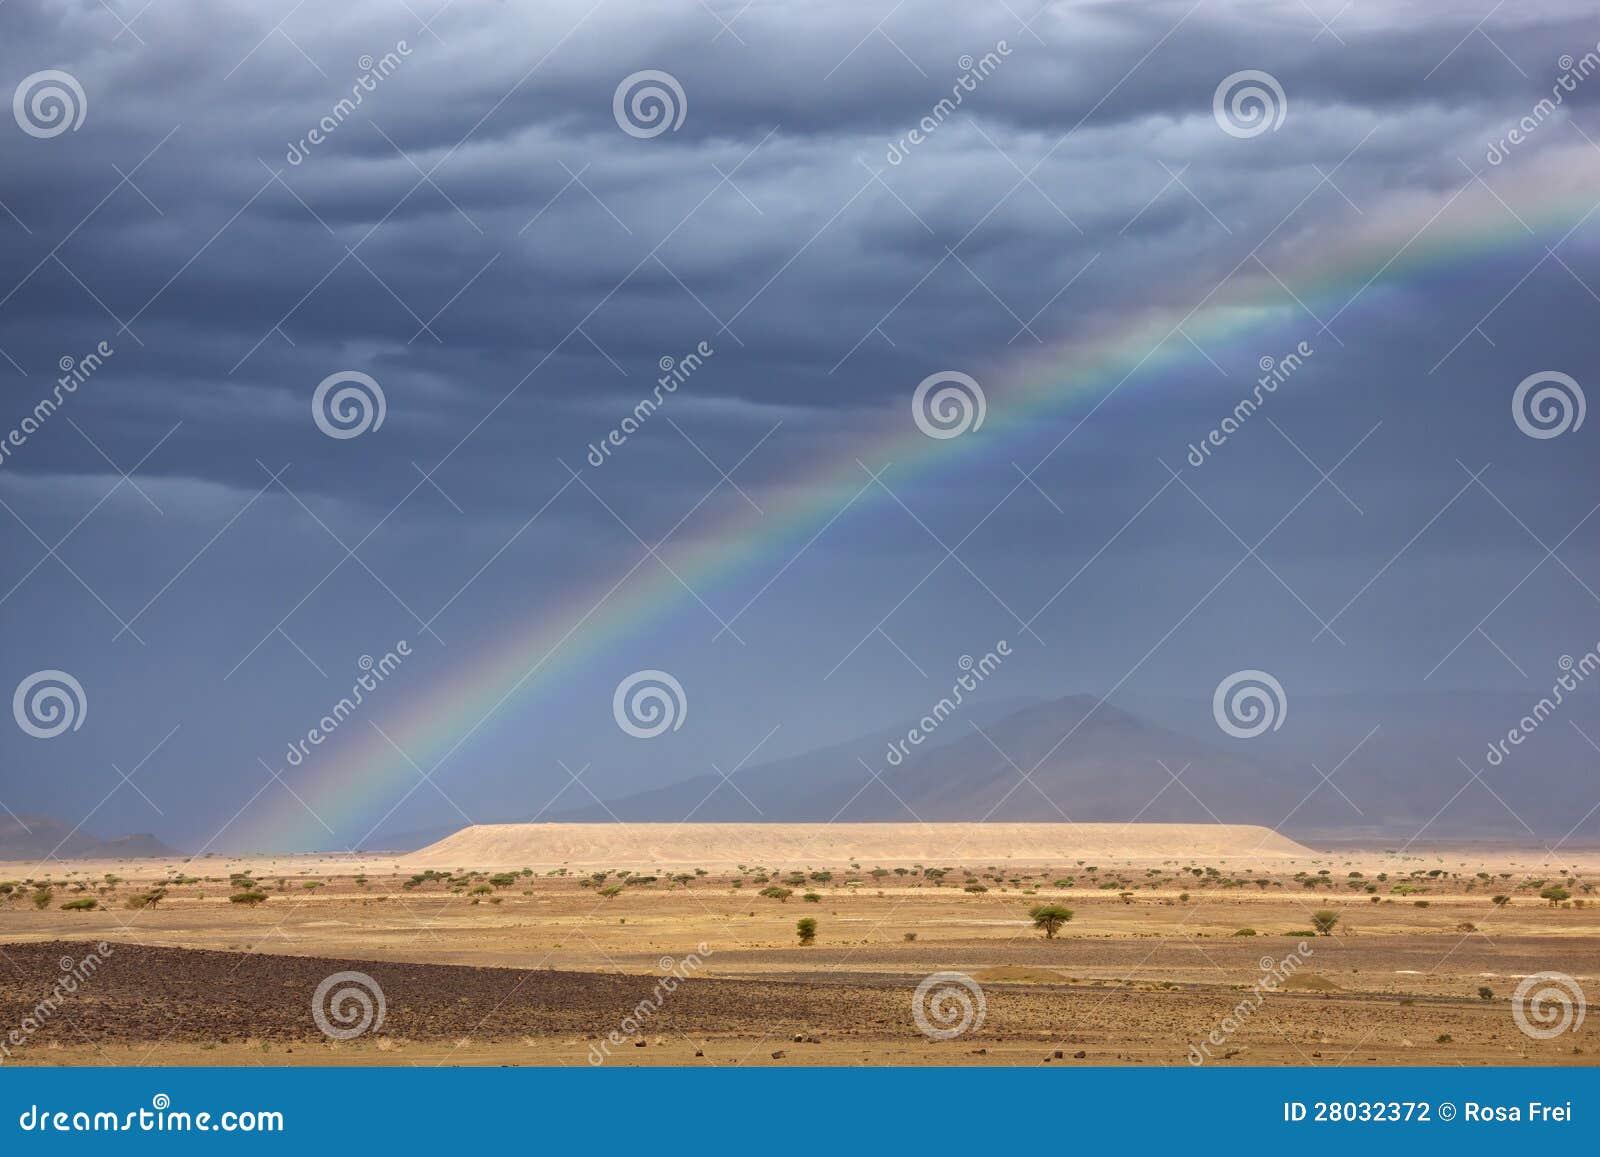 彩虹在撒哈拉大沙漠。